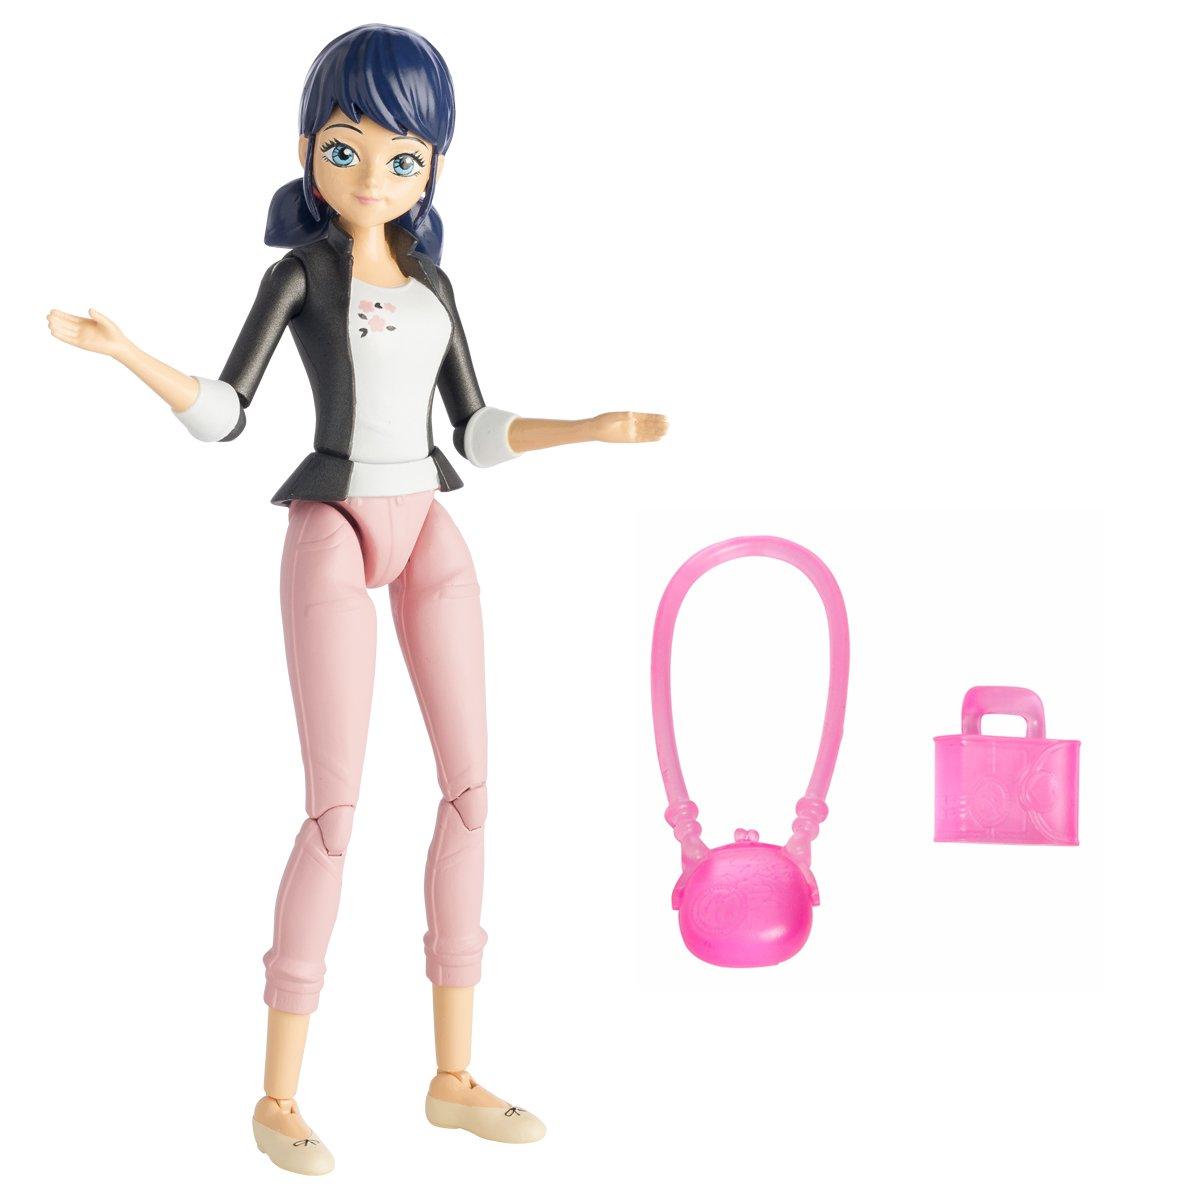 Figurine super articul/ée 15 cm 39724 Bandai Adrien